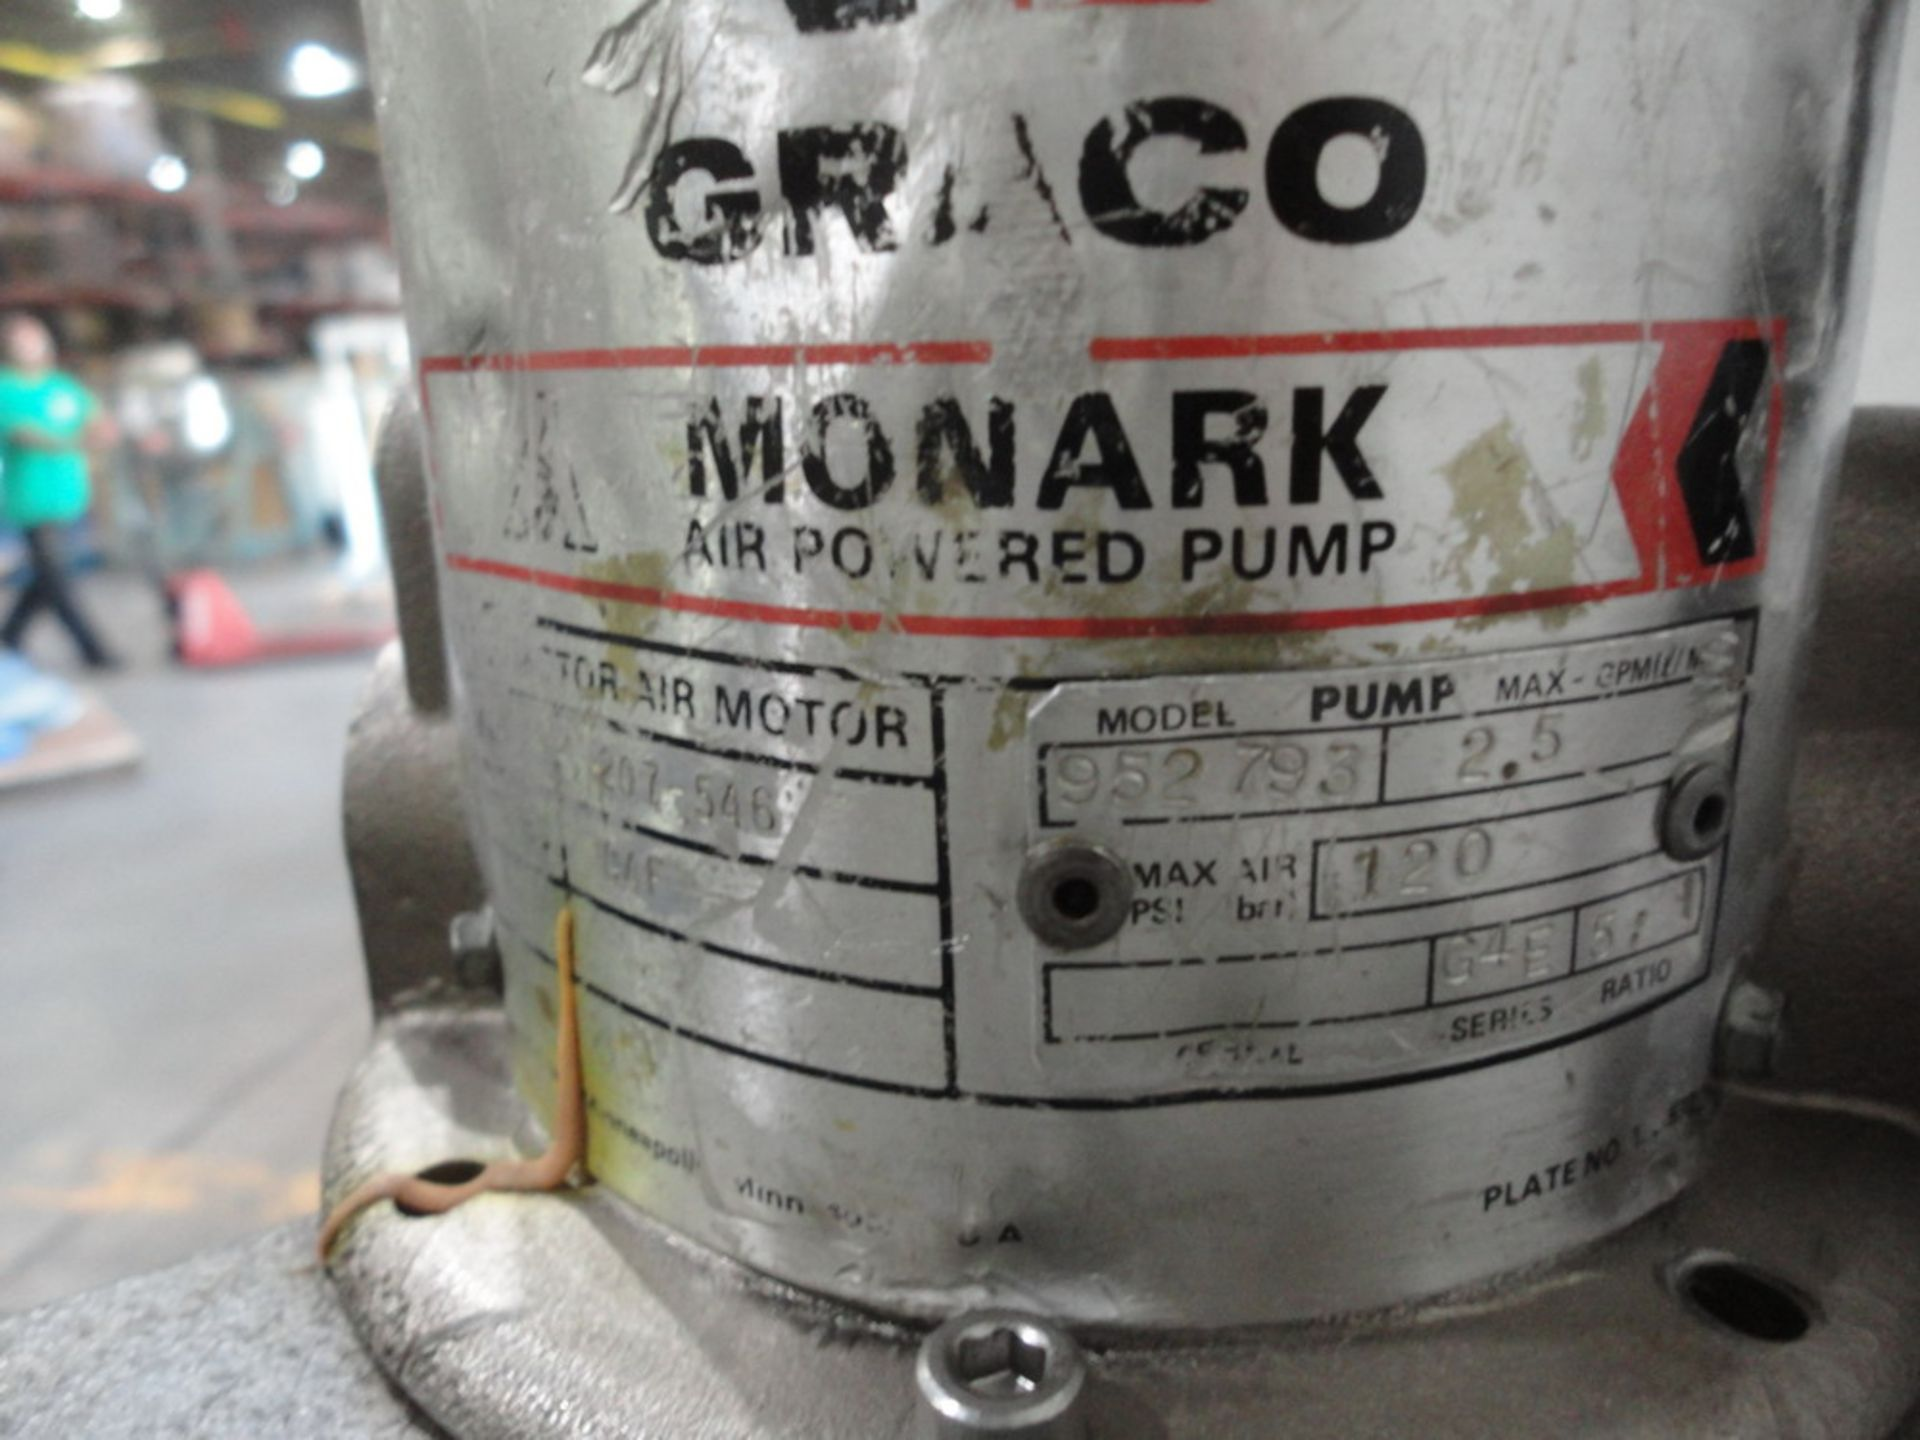 Lot 148 - Graco Air Powered Drum Pump, Model Monarck, Model 207-546